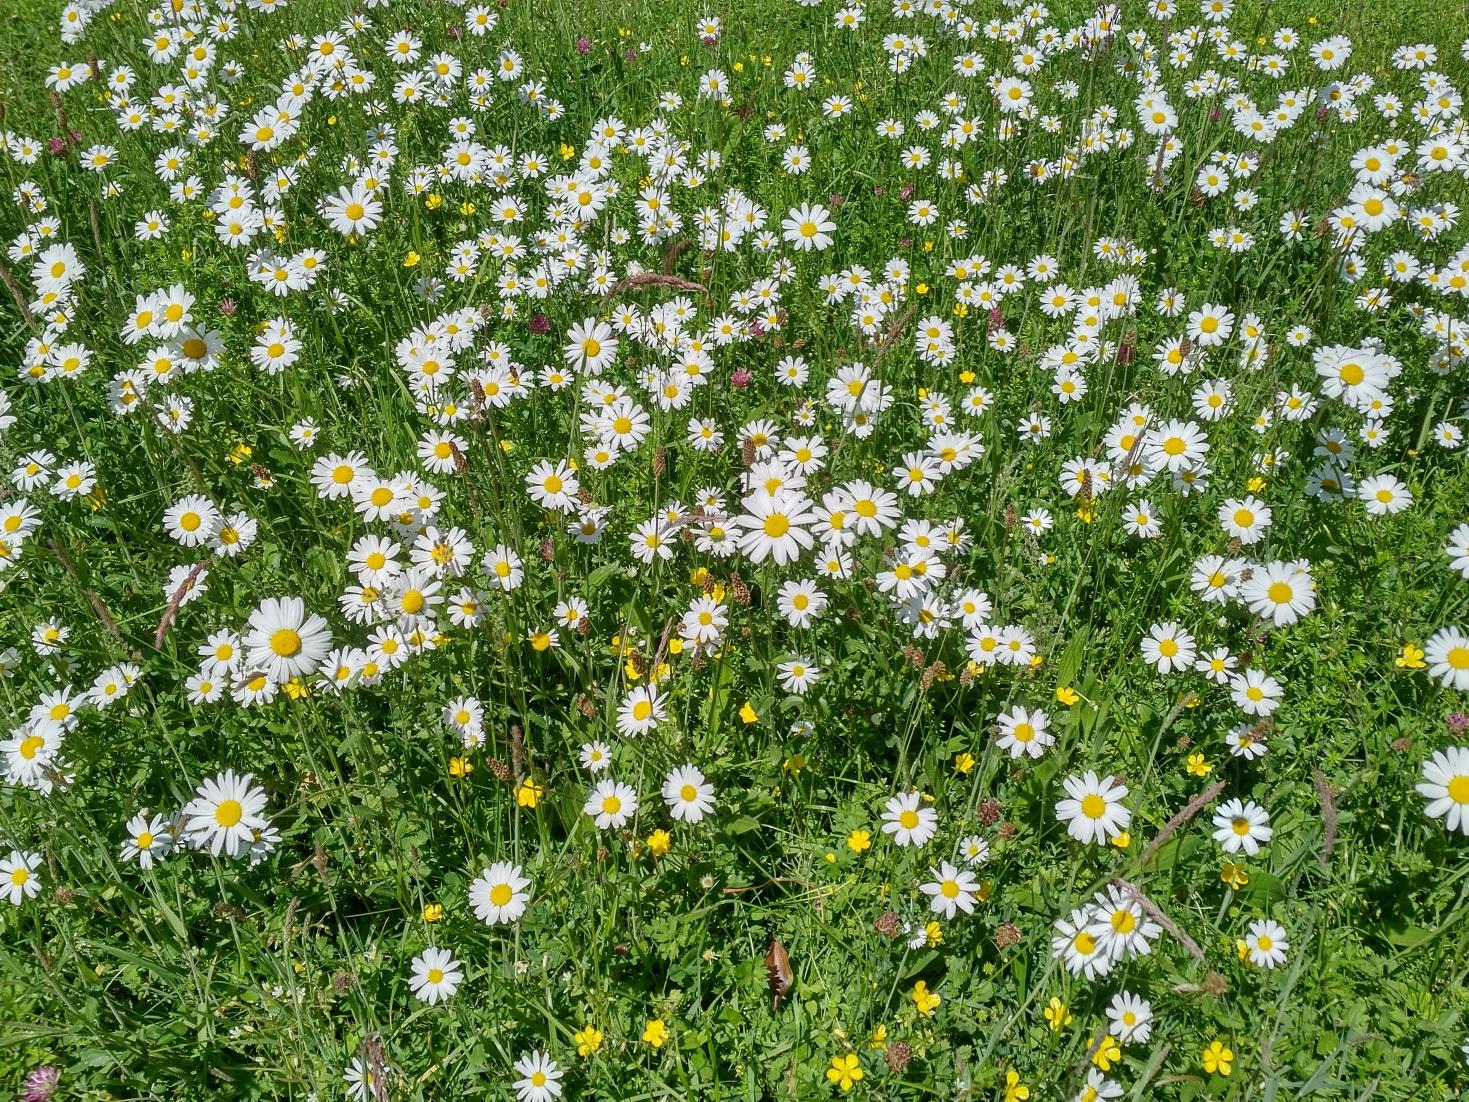 artenreiche Blühwiese